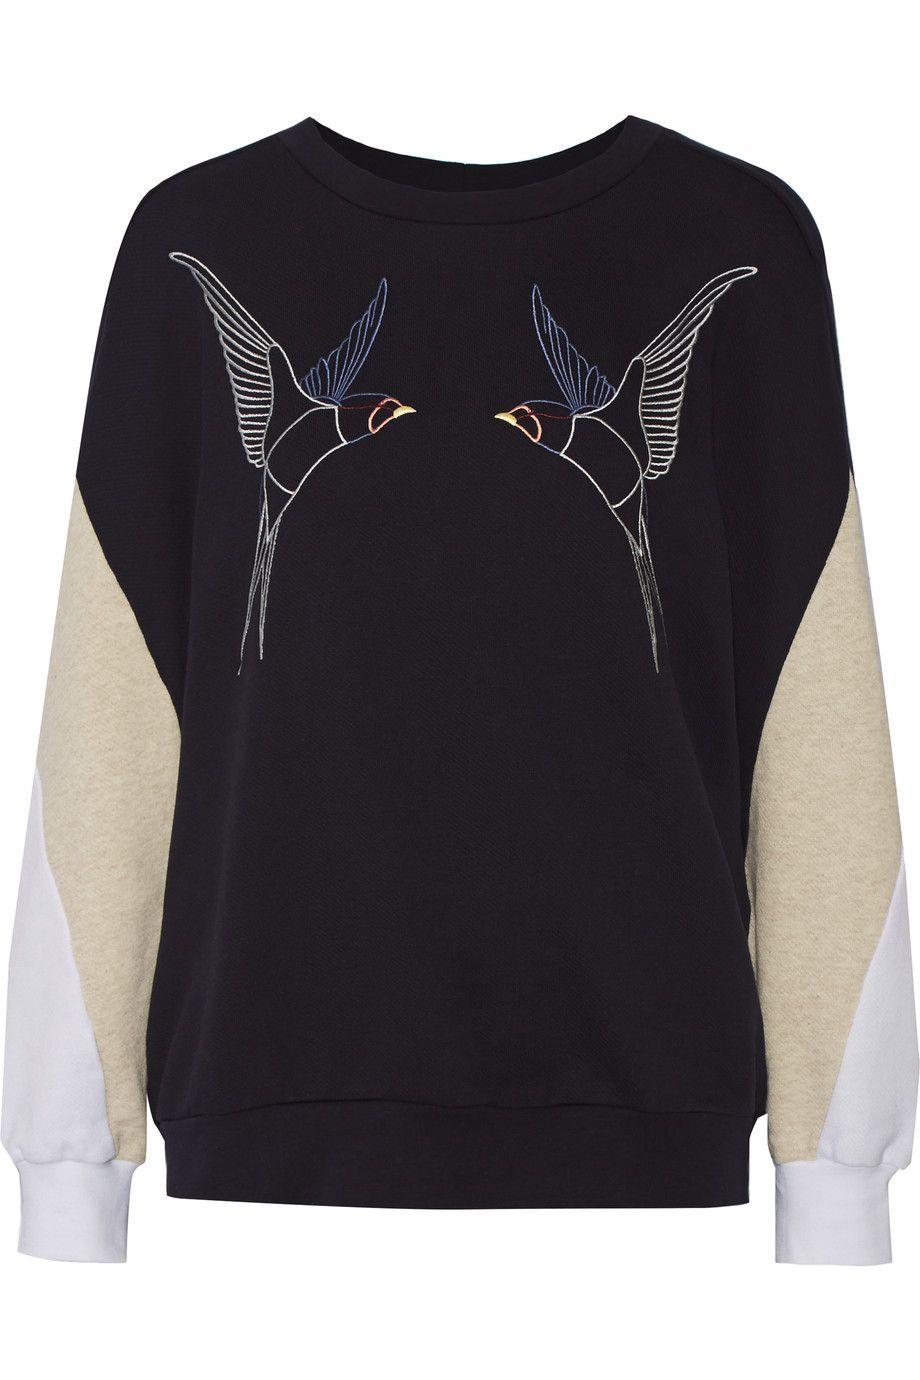 STELLA MCCARTNEY Embroidered Cotton Sweatshirt. #stellamccartney #cloth #sweatshirt